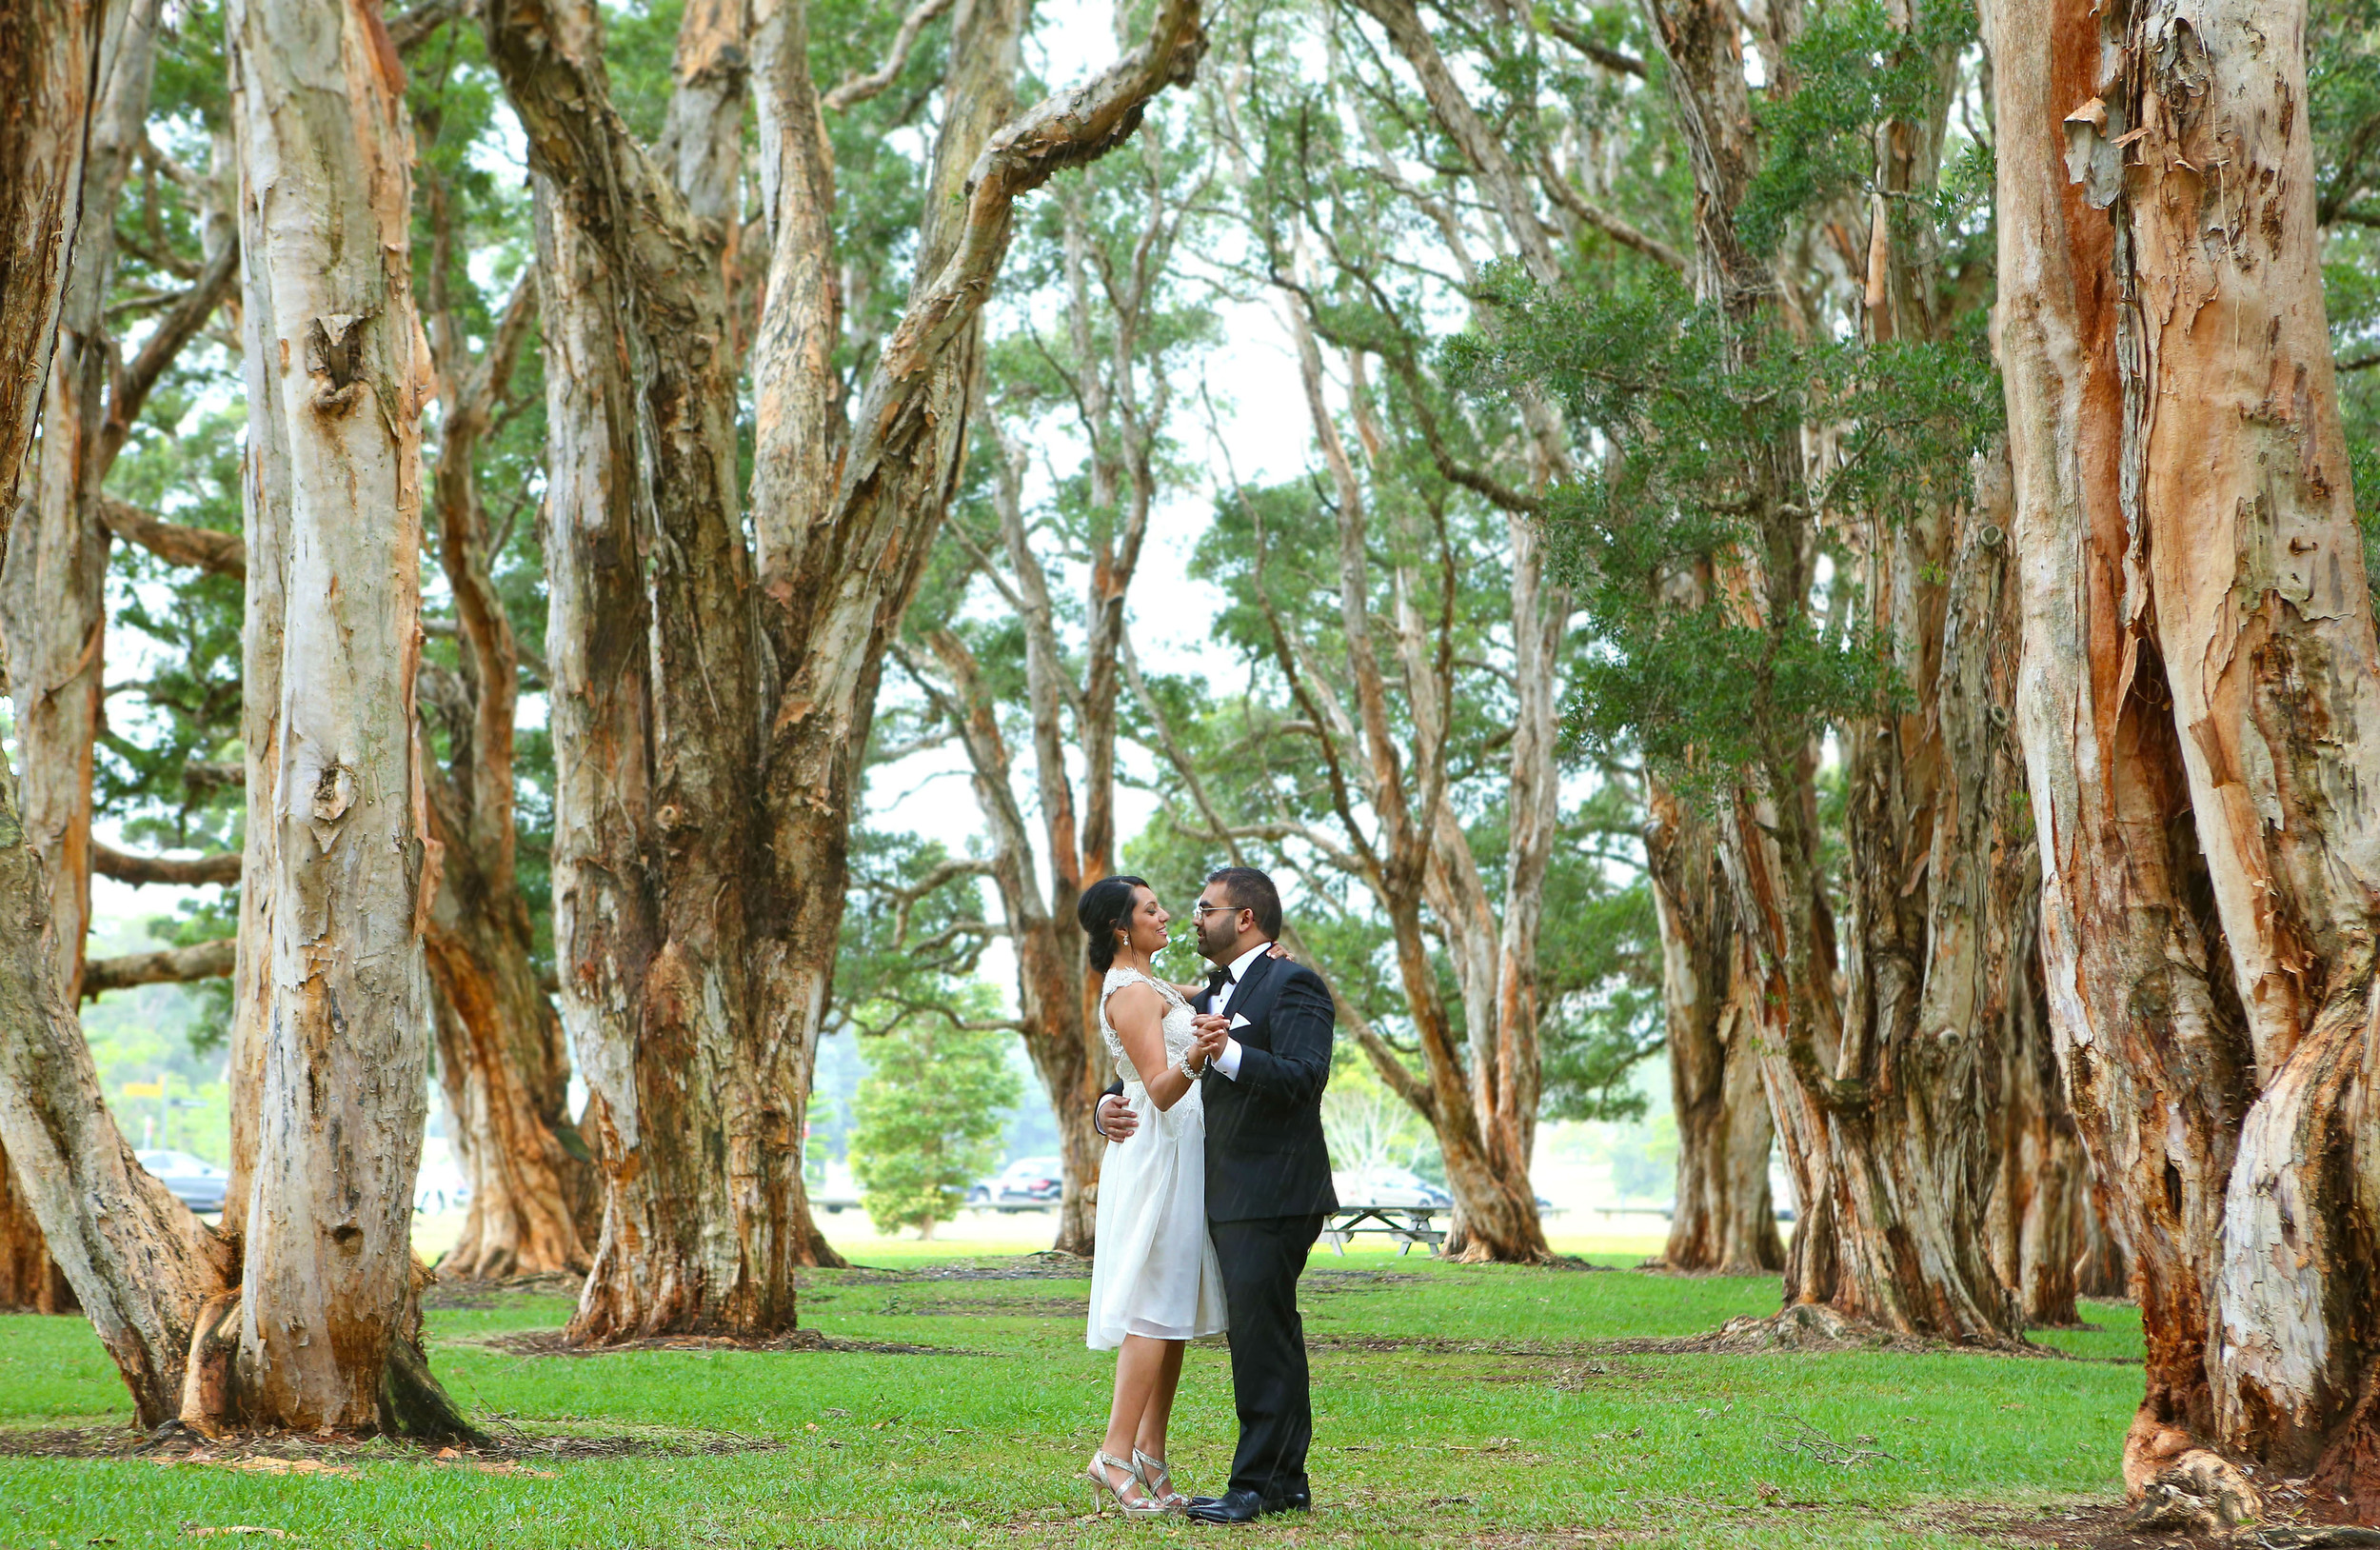 Jennifer Lam Photography I Sydney wedding, lifestyle, family & events photographer.